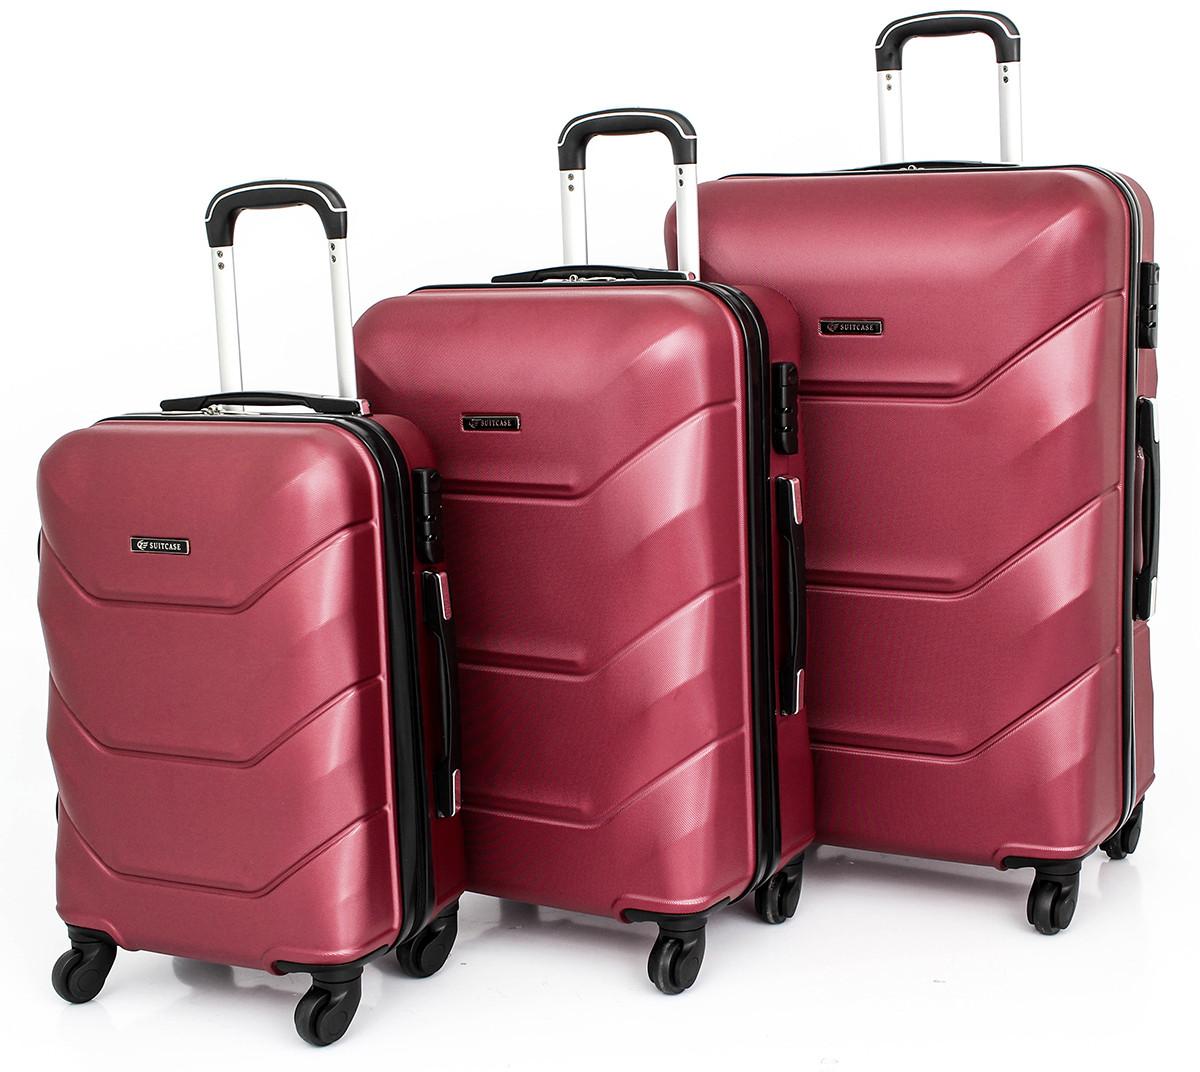 Дорожные чемоданы комплект магазин на улице rogisi рюкзаки купить